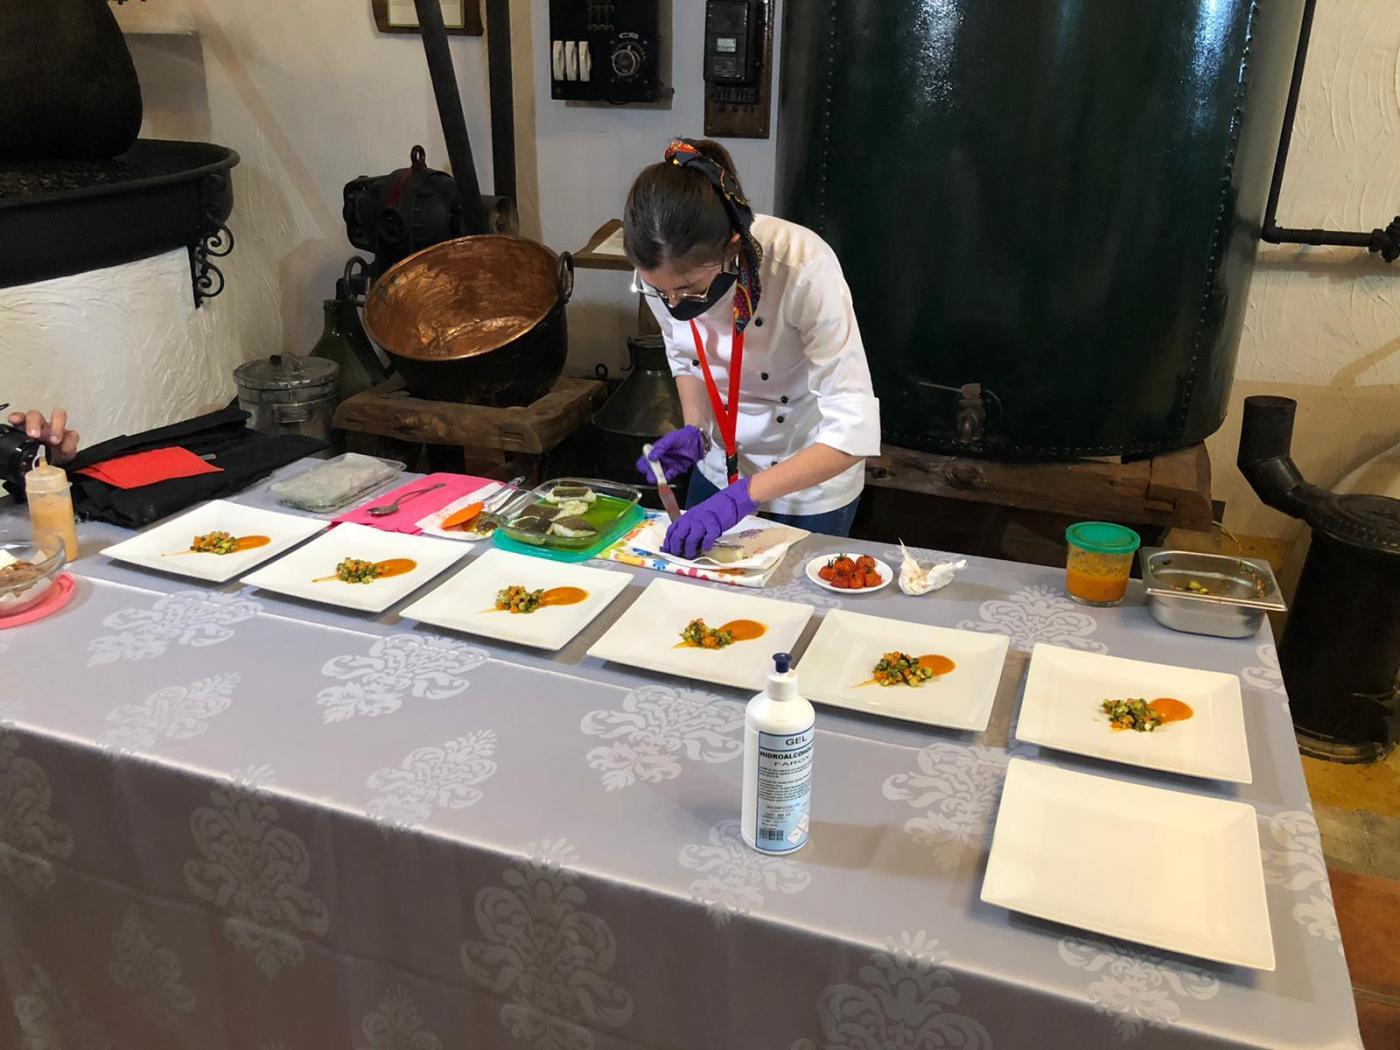 El II Concurso Internacional de Cocina con AOVE tendrá su fase final el 25 de octubre